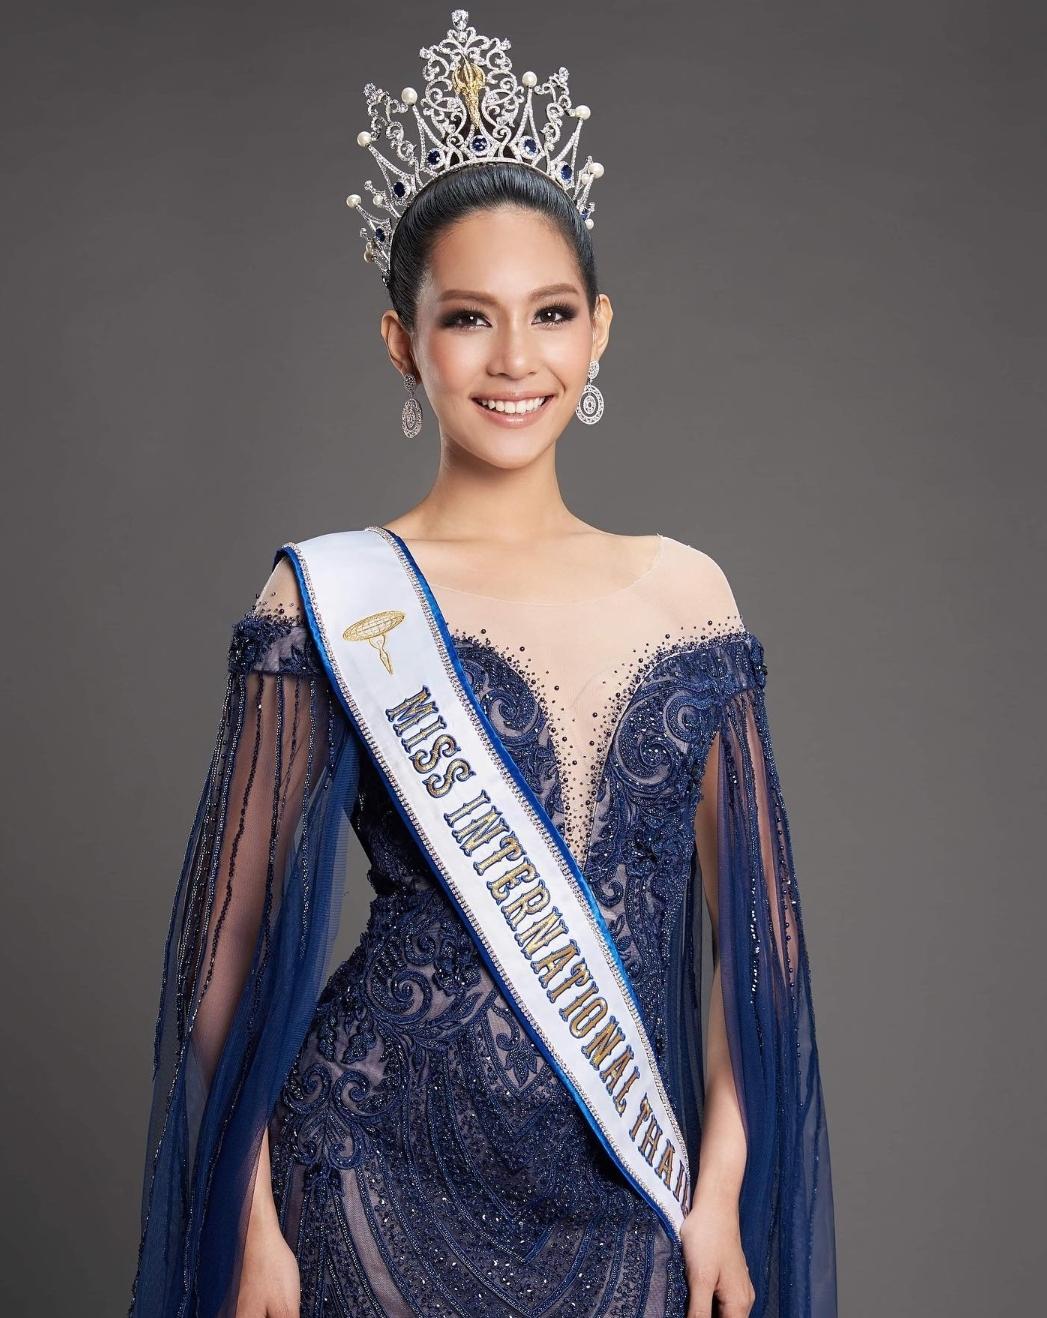 Apoteker Cantik Ini Menjadi Miss Internasional Pertama dari Thailand